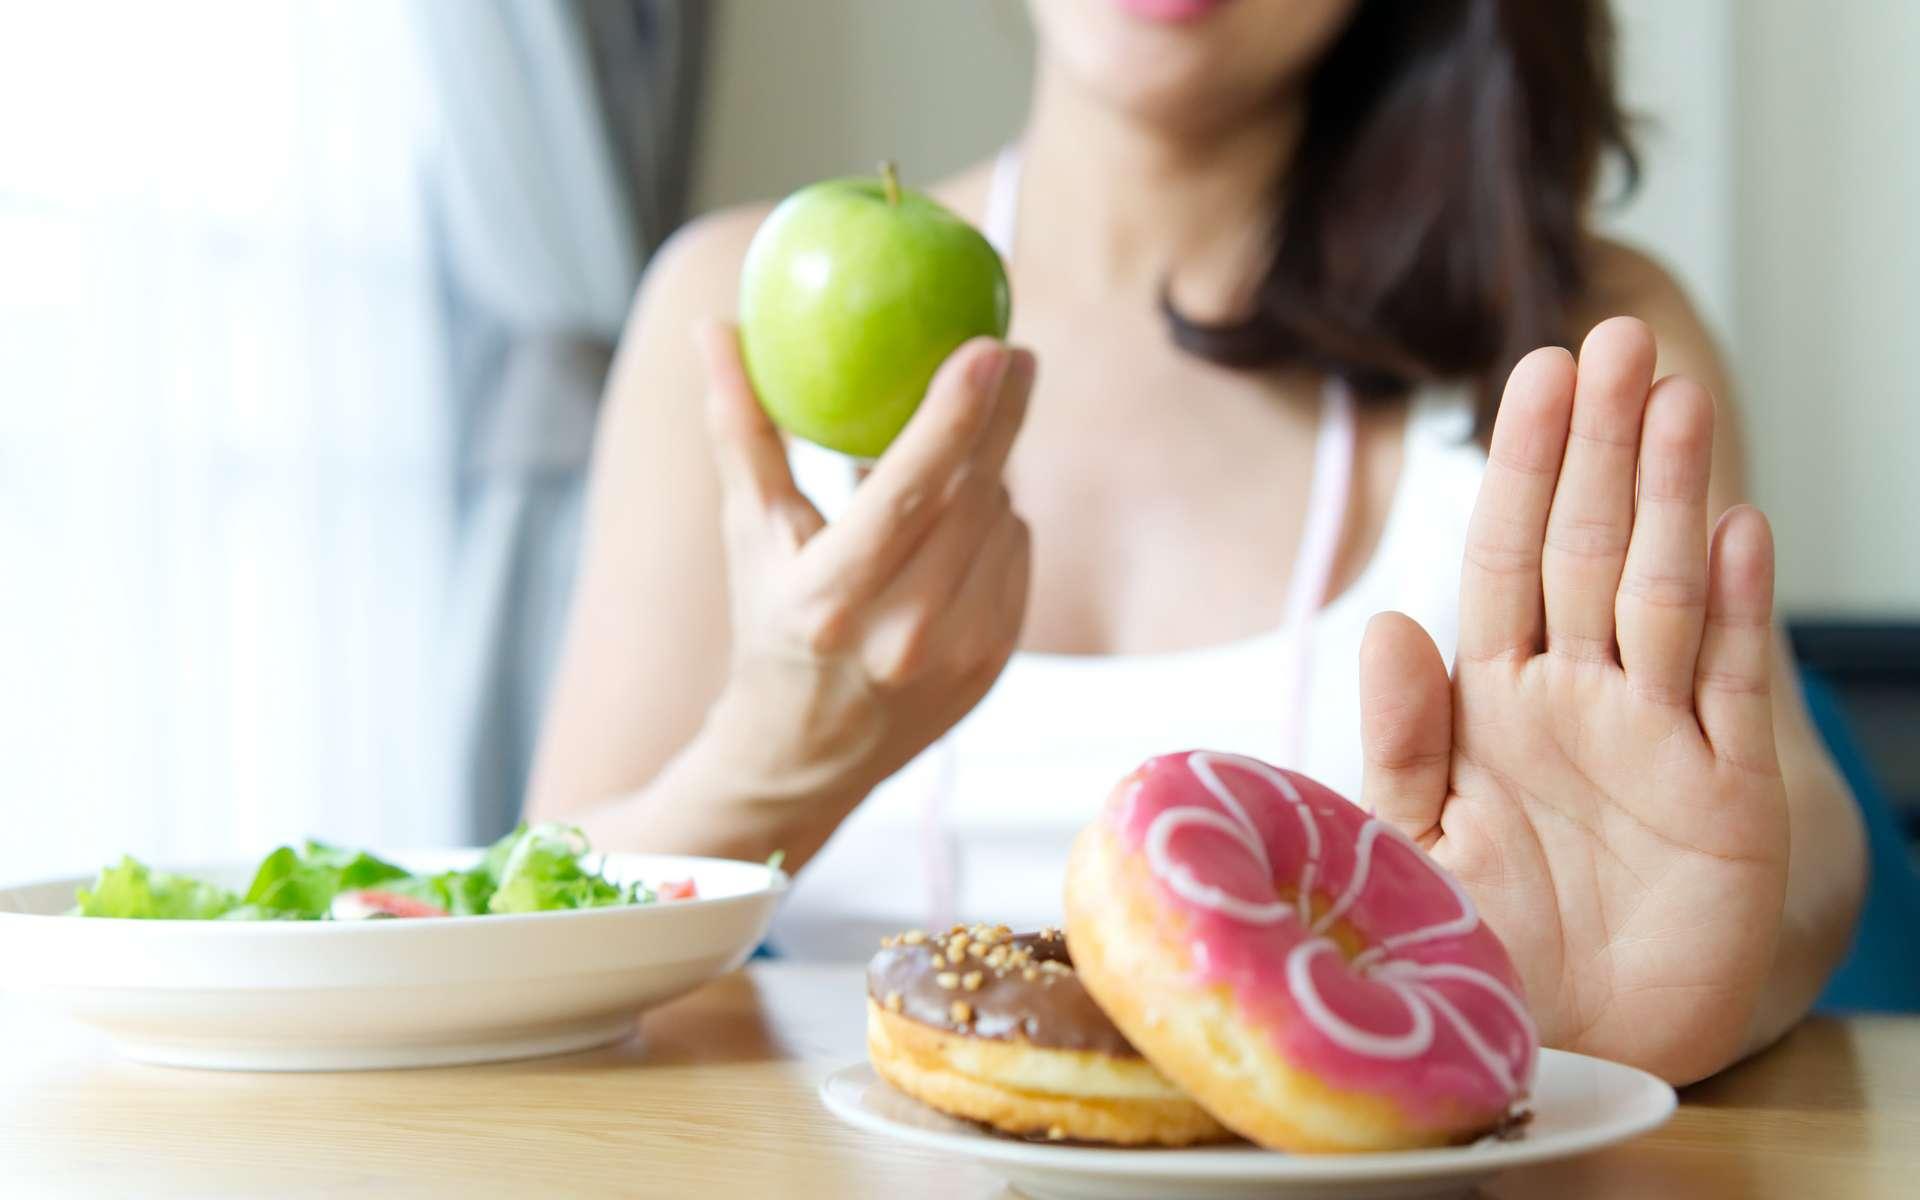 La nutrition personnalisée peut aider les patients obèses mais aussi conduire à une obsession de manger sain. © Kawee, Adobe Stock